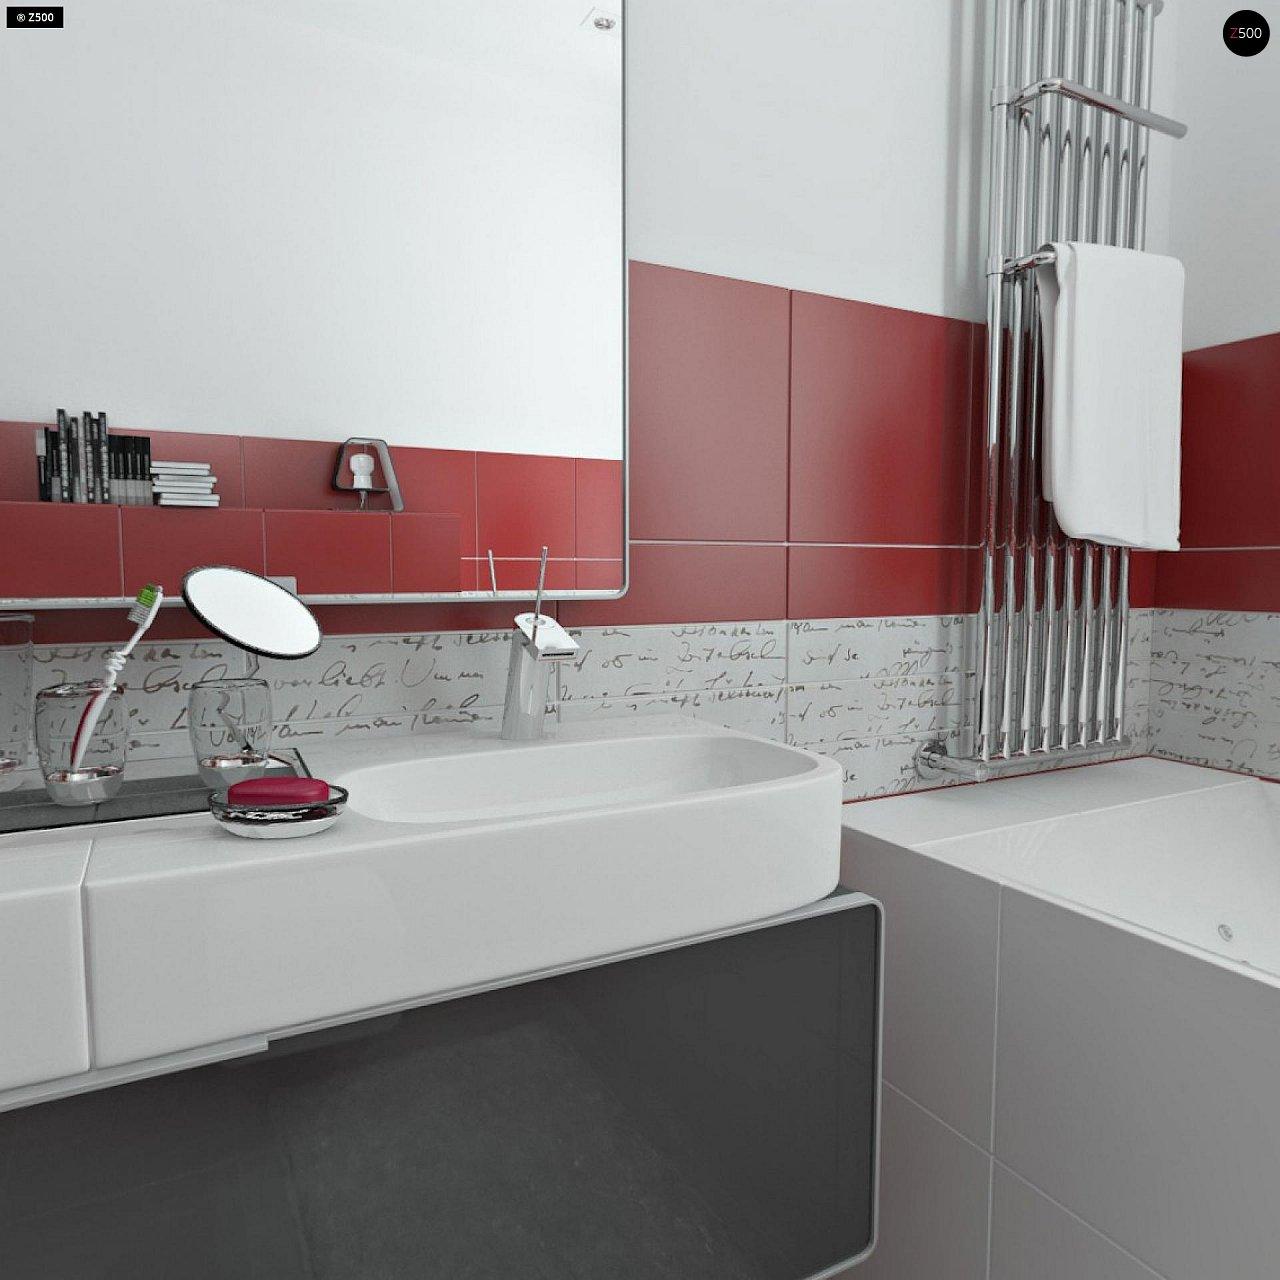 Вариант двухэтажного дома Zx24a с плитами перекрытия 22